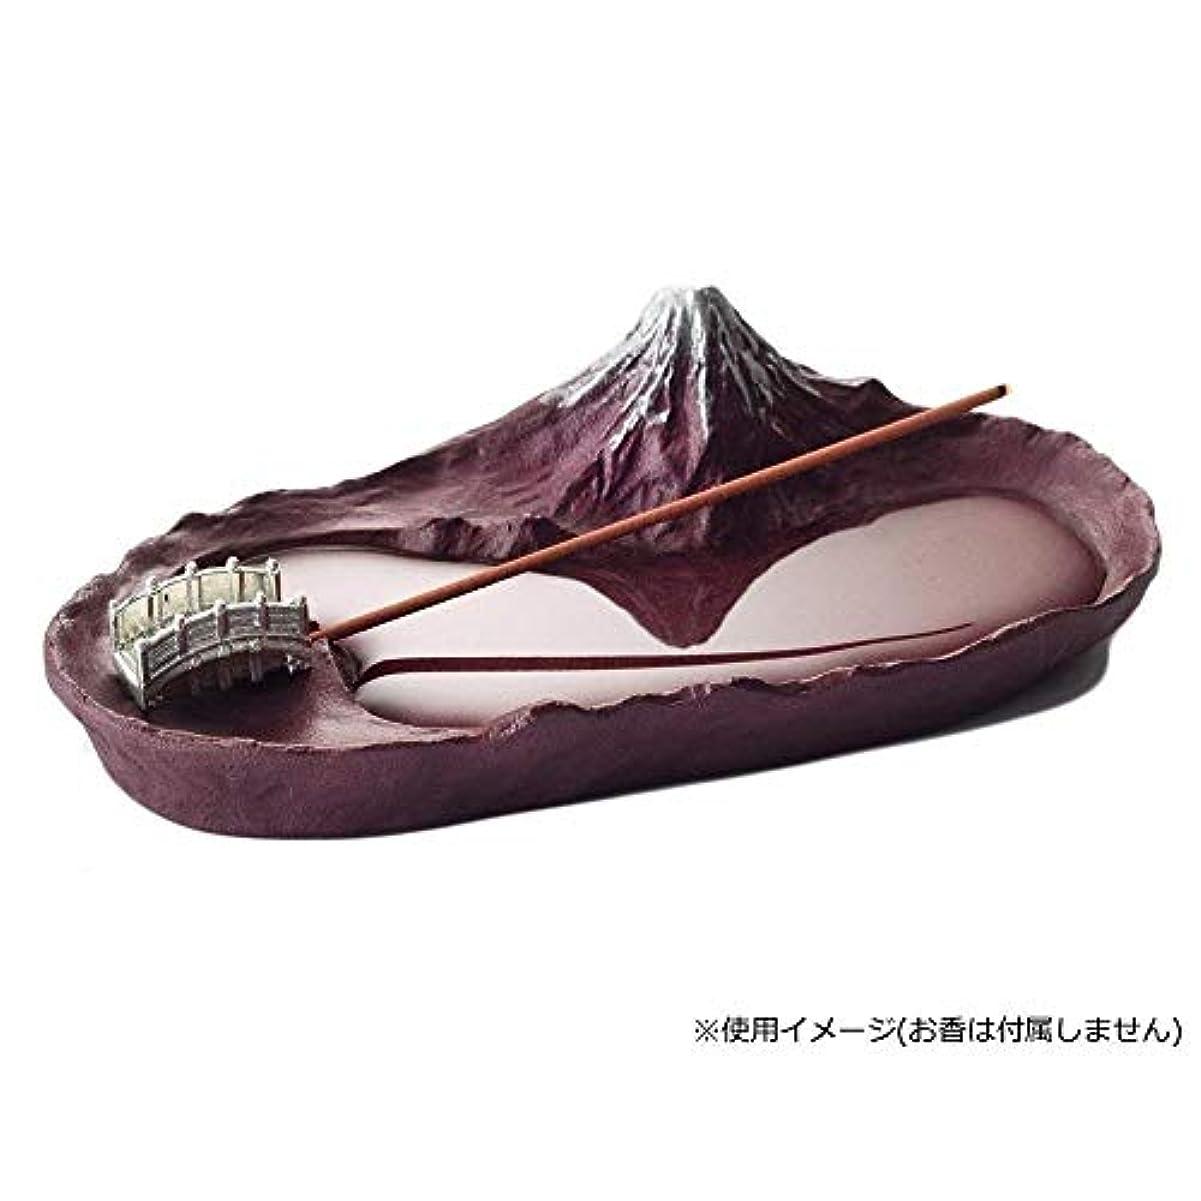 バンドカンガルーミンチインセンスホルダー 香立て さかさ富士 赤富士